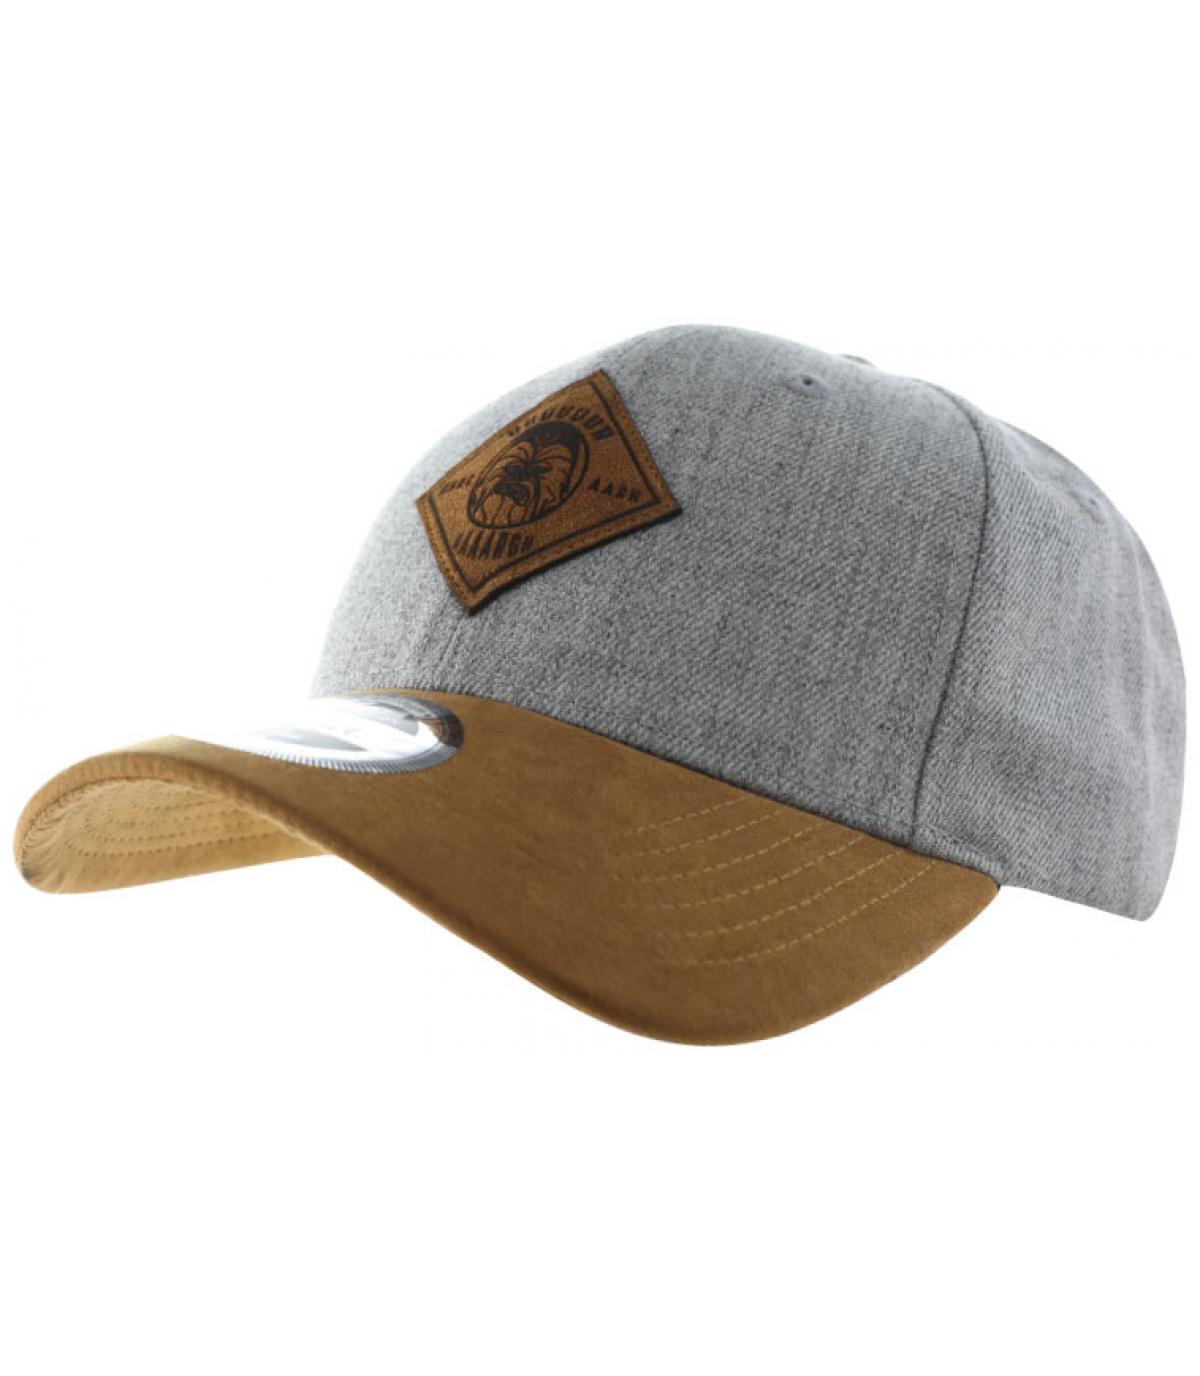 new styles fac4c 888a8 Casquette homme, Boutique de casquettes homme de marque et tendance-  Headict (10)